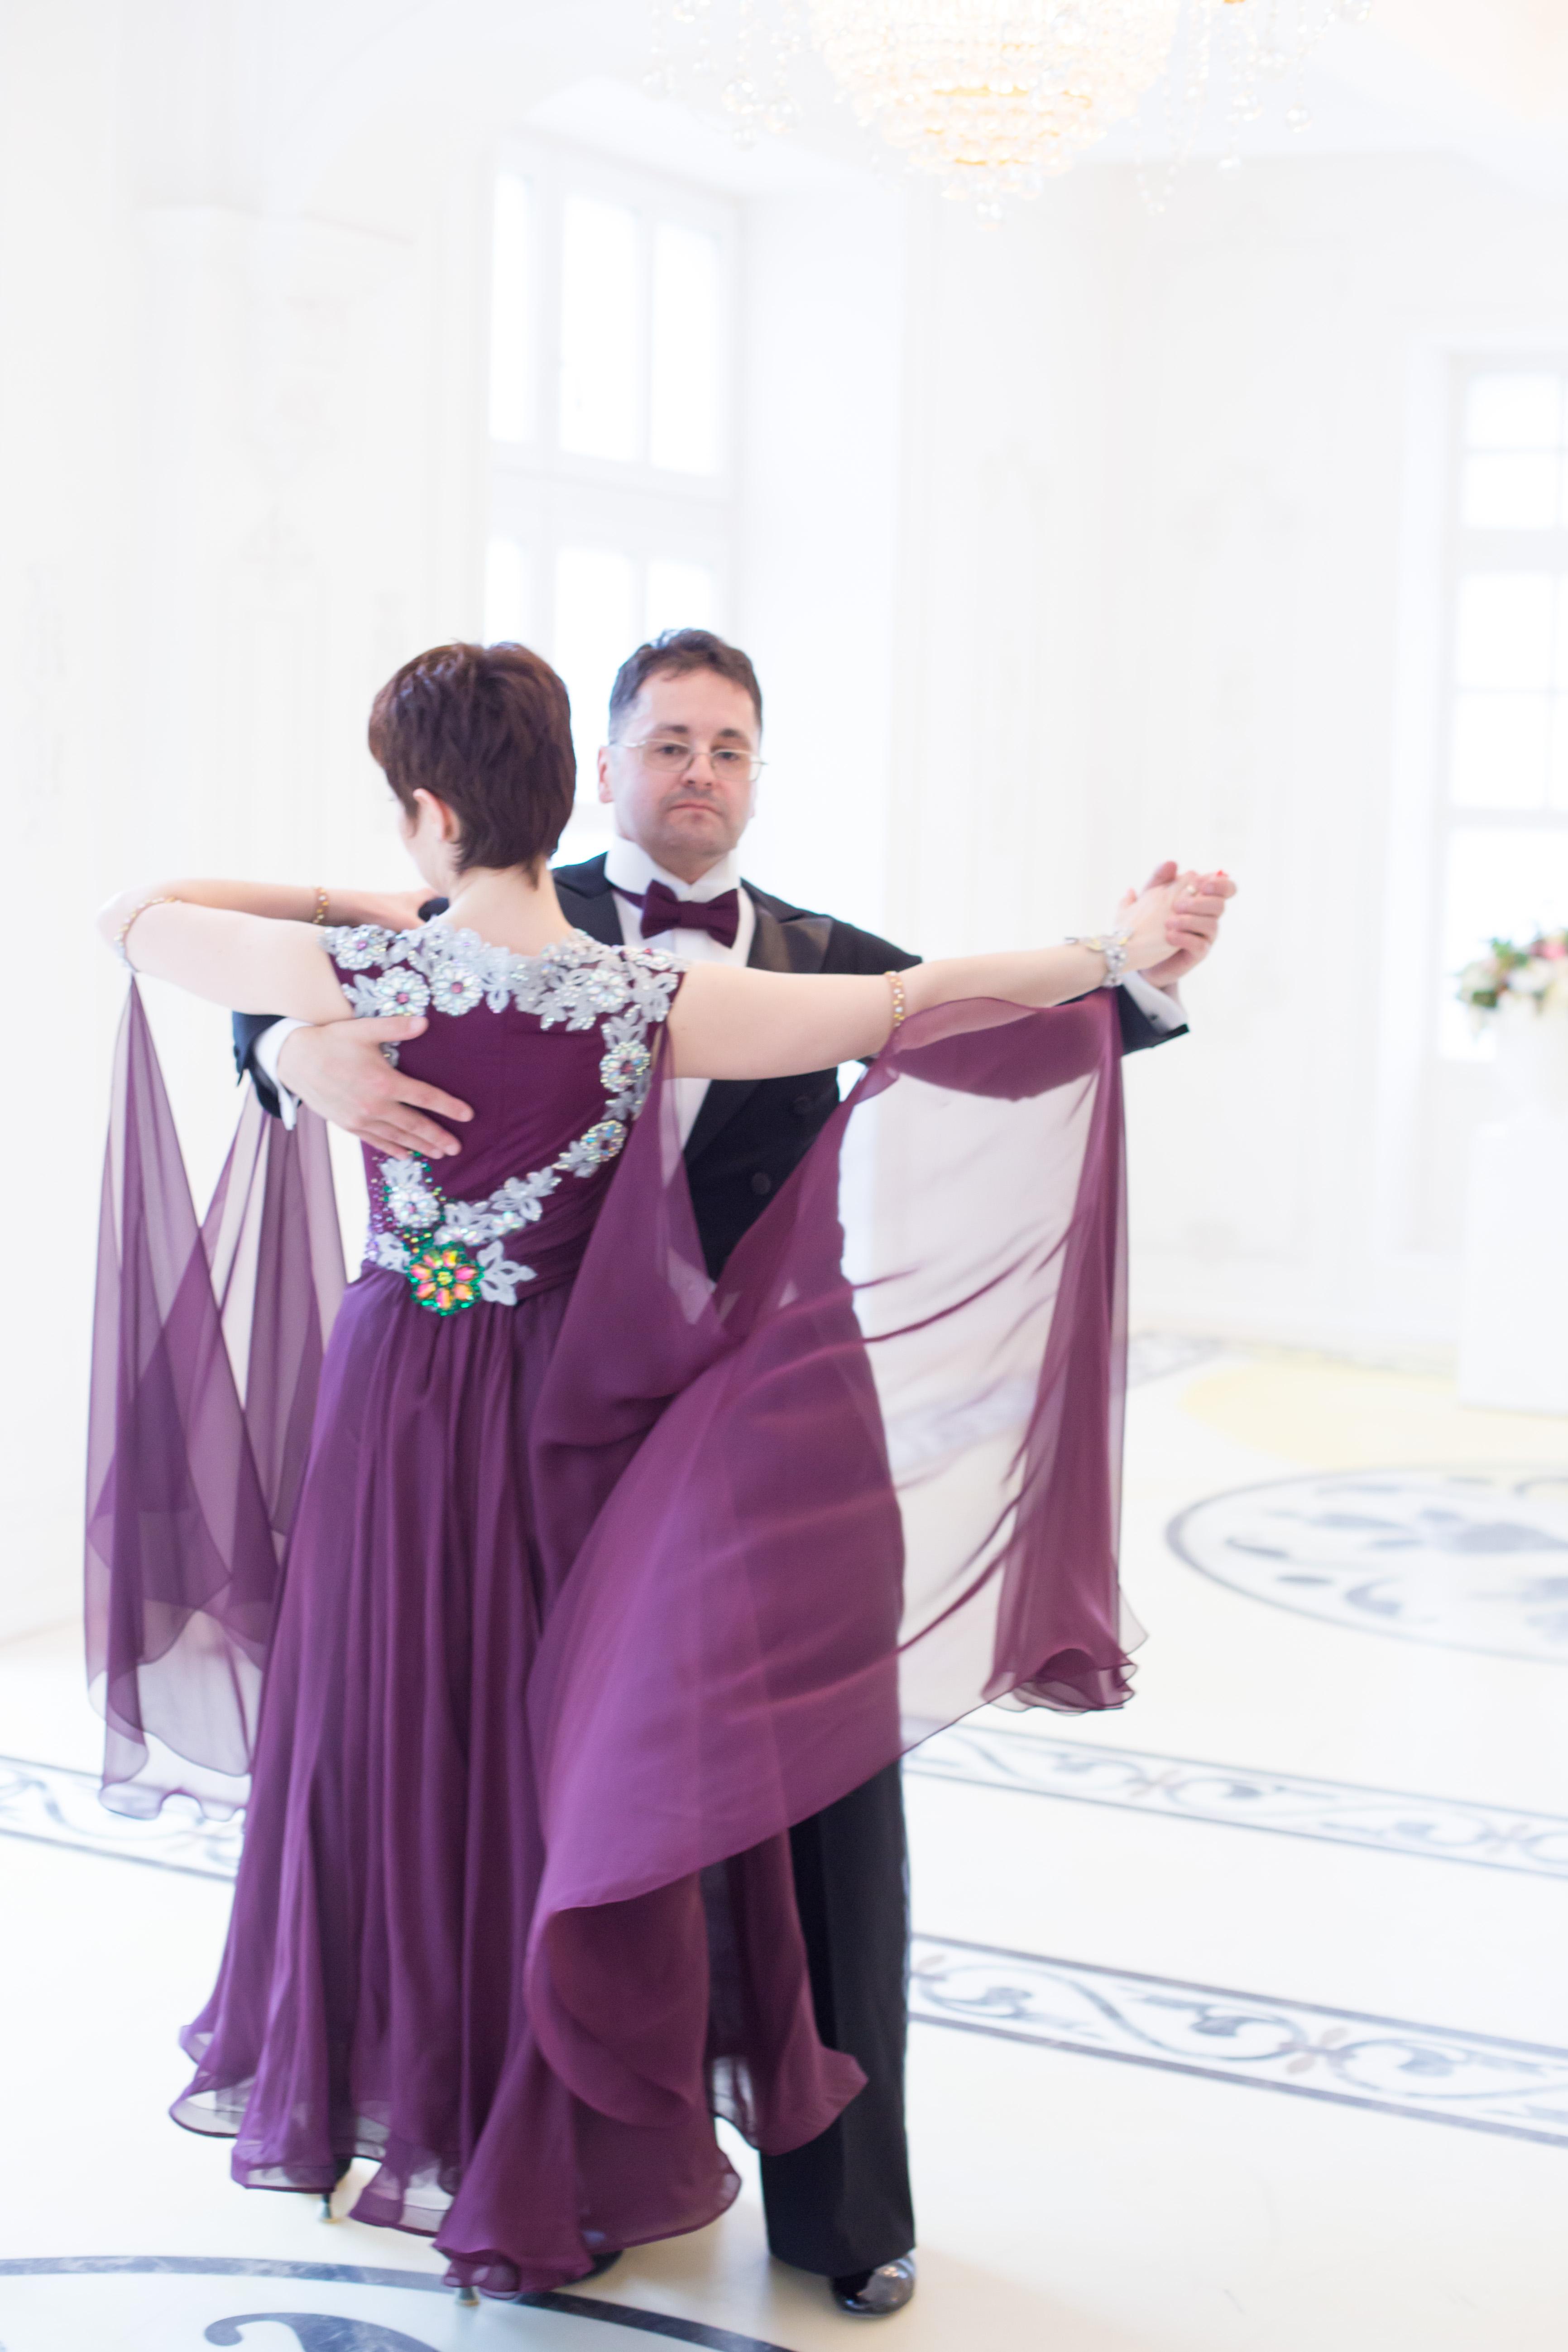 НОВЫЕ РАБОТЫ АТЕЛЬЕ DANCE LINE: ПЛАТЬЕ ДЛЯ СТАНДАРТА МАРСАЛА